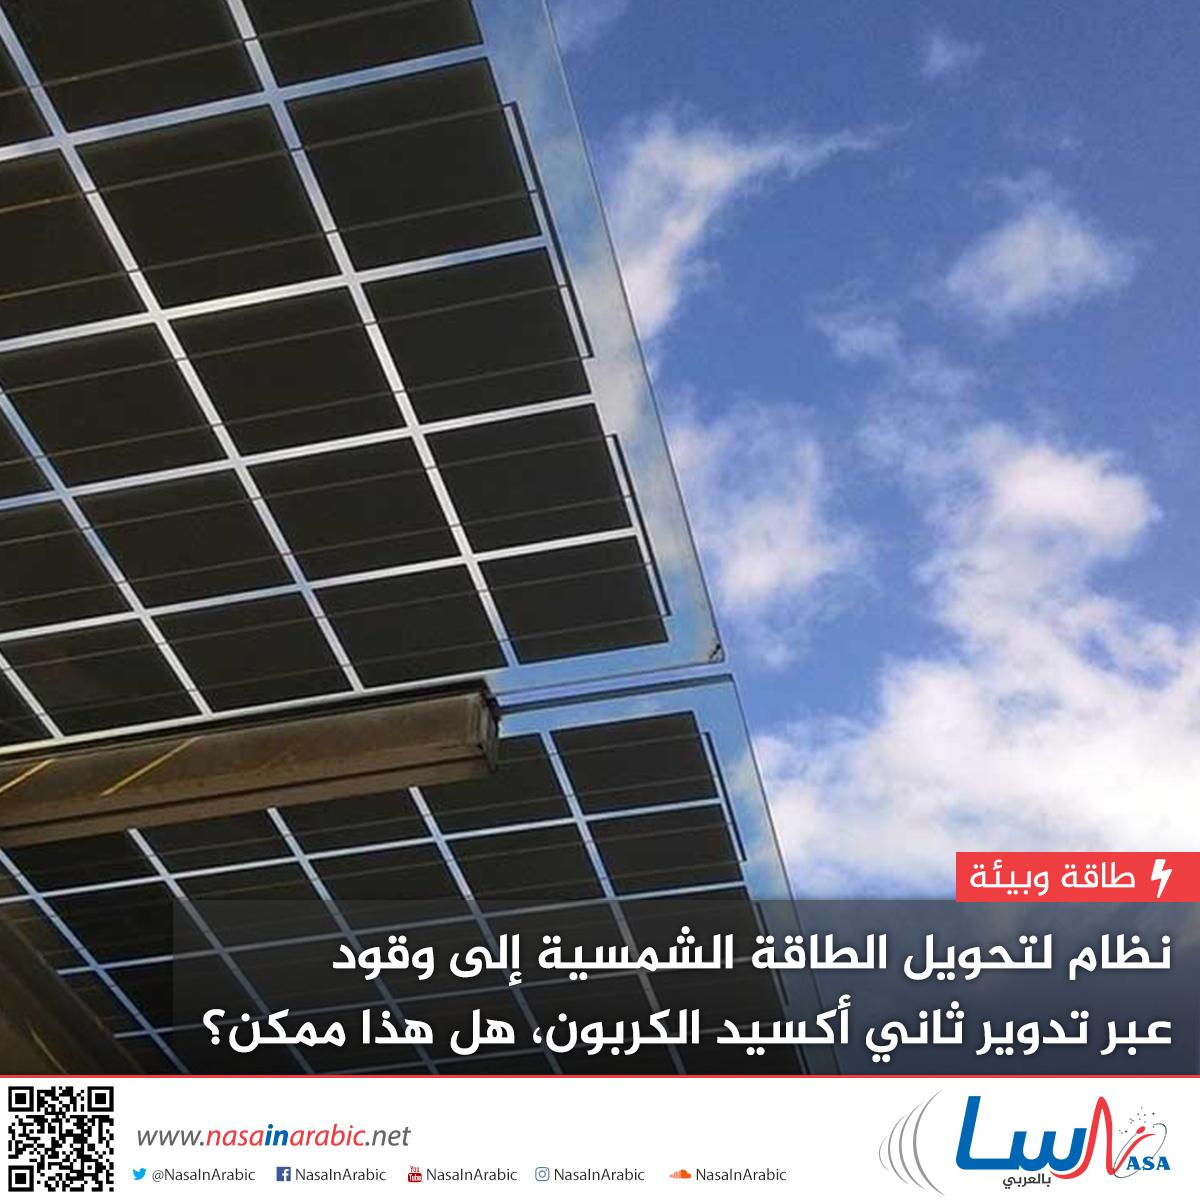 نظام لتحويل الطاقة الشمسية إلى وقود عبر تدوير ثاني أكسيد الكربون، هل هذا ممكن؟